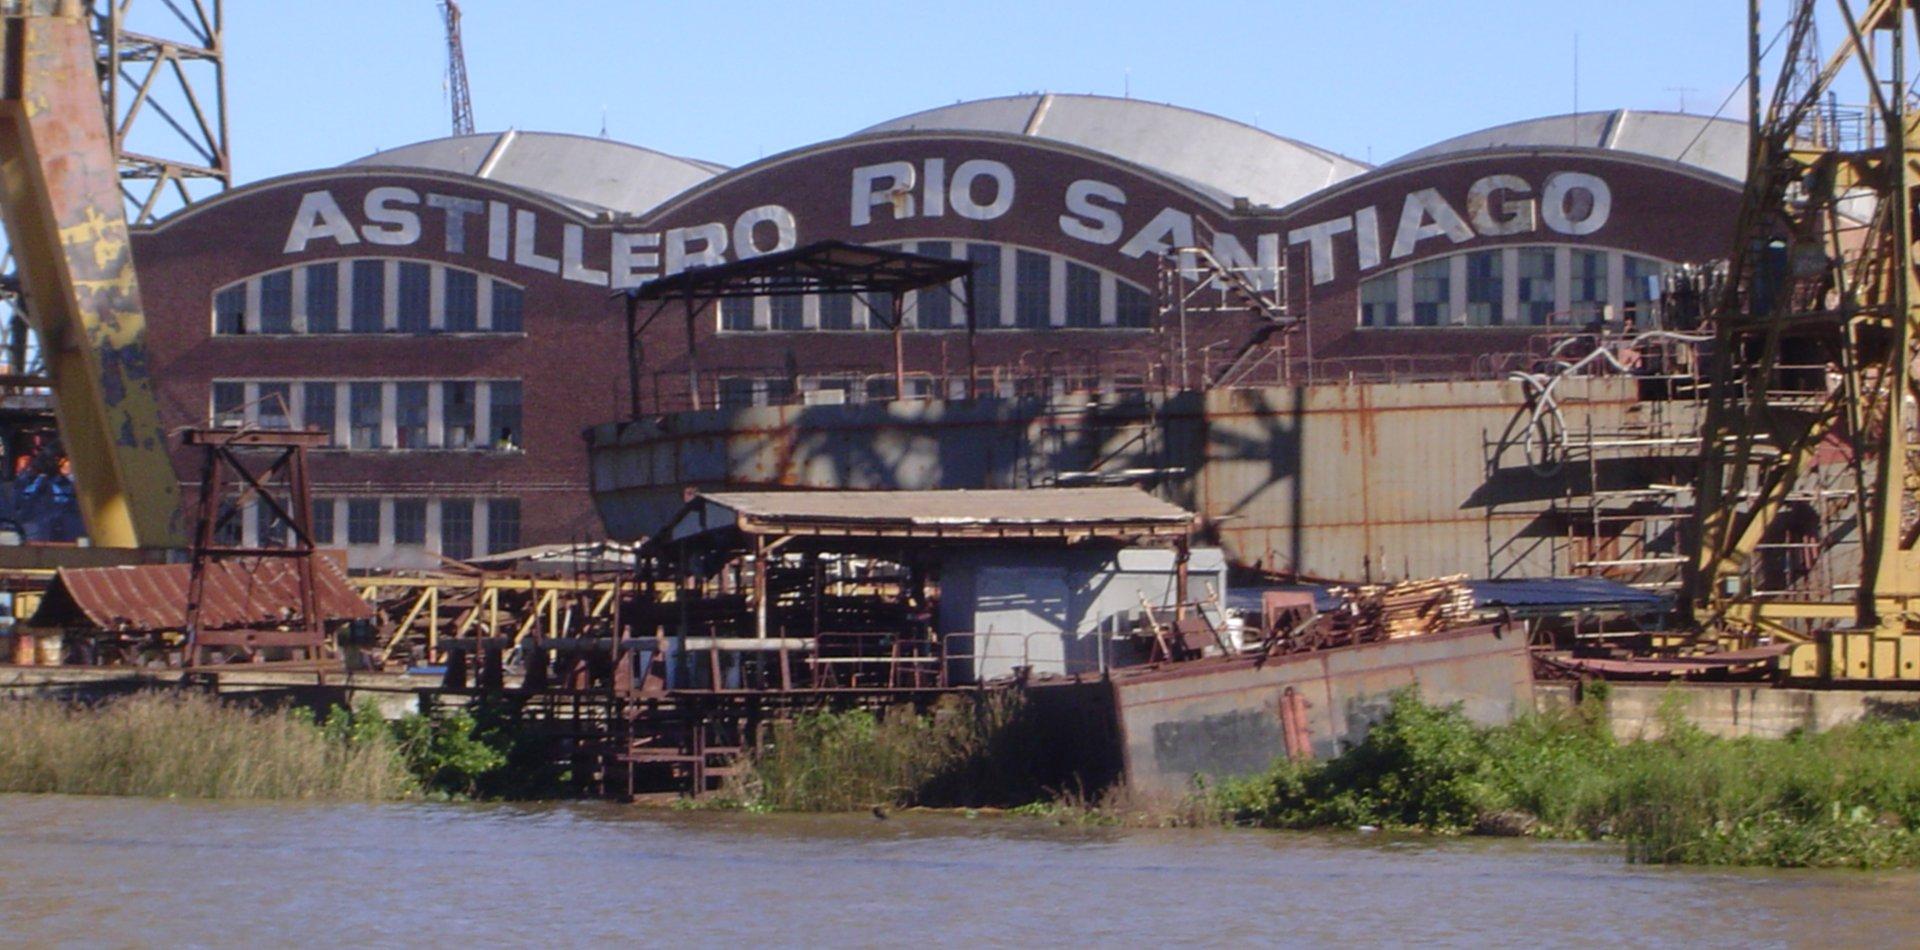 Buena nueva en el Astillero: construirá dos embarcaciones para el dragado del Delta